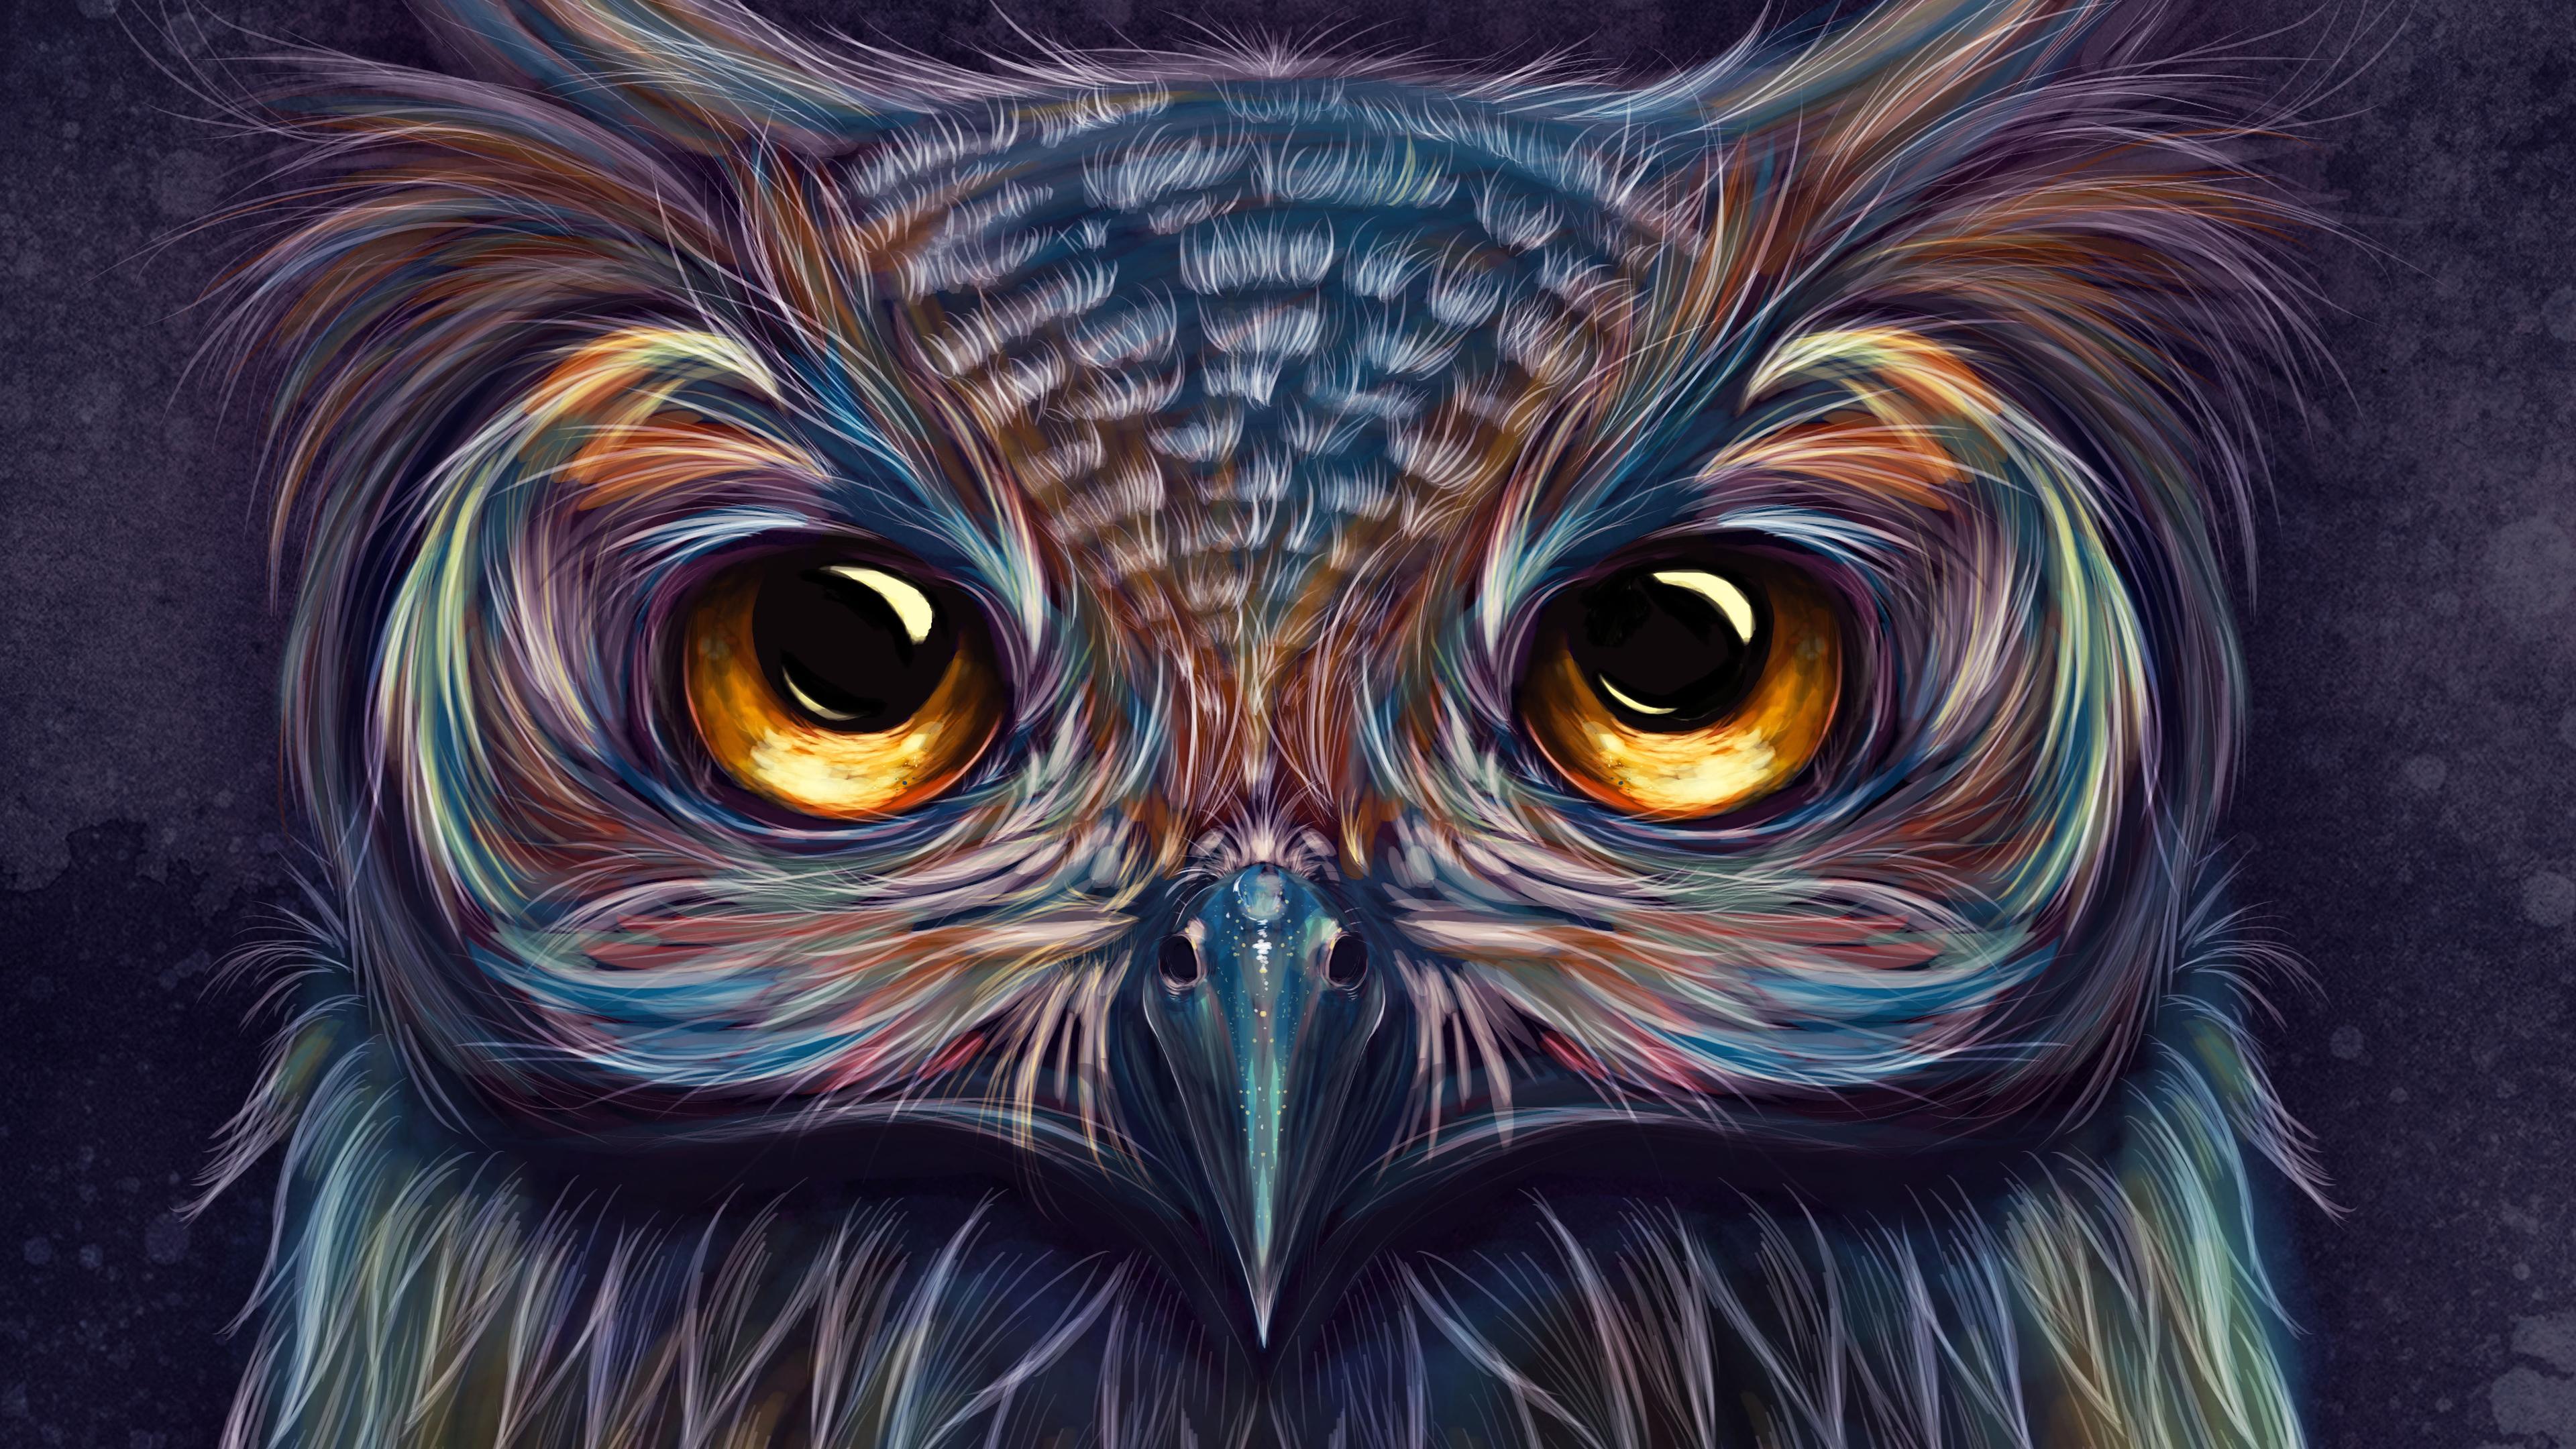 owl colorful art 4k 1540755489 - Owl Colorful Art 4k - owl wallpapers, hd-wallpapers, digital art wallpapers, colorful wallpapers, artwork wallpapers, artist wallpapers, 4k-wallpapers